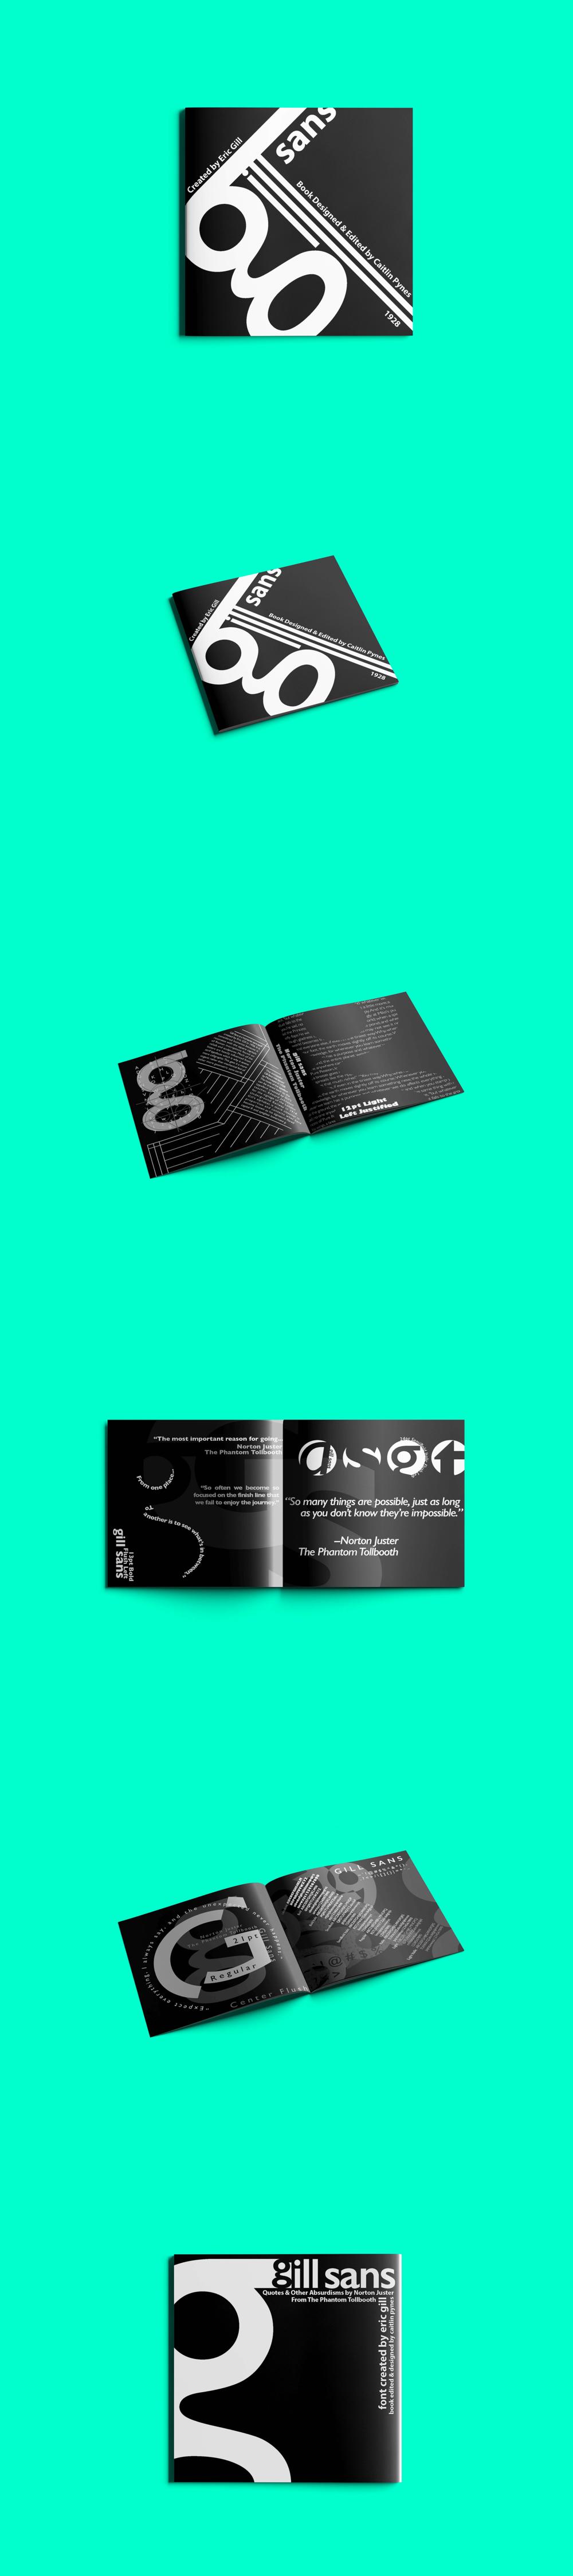 Gill-Sans-Specimen-Book-1.png